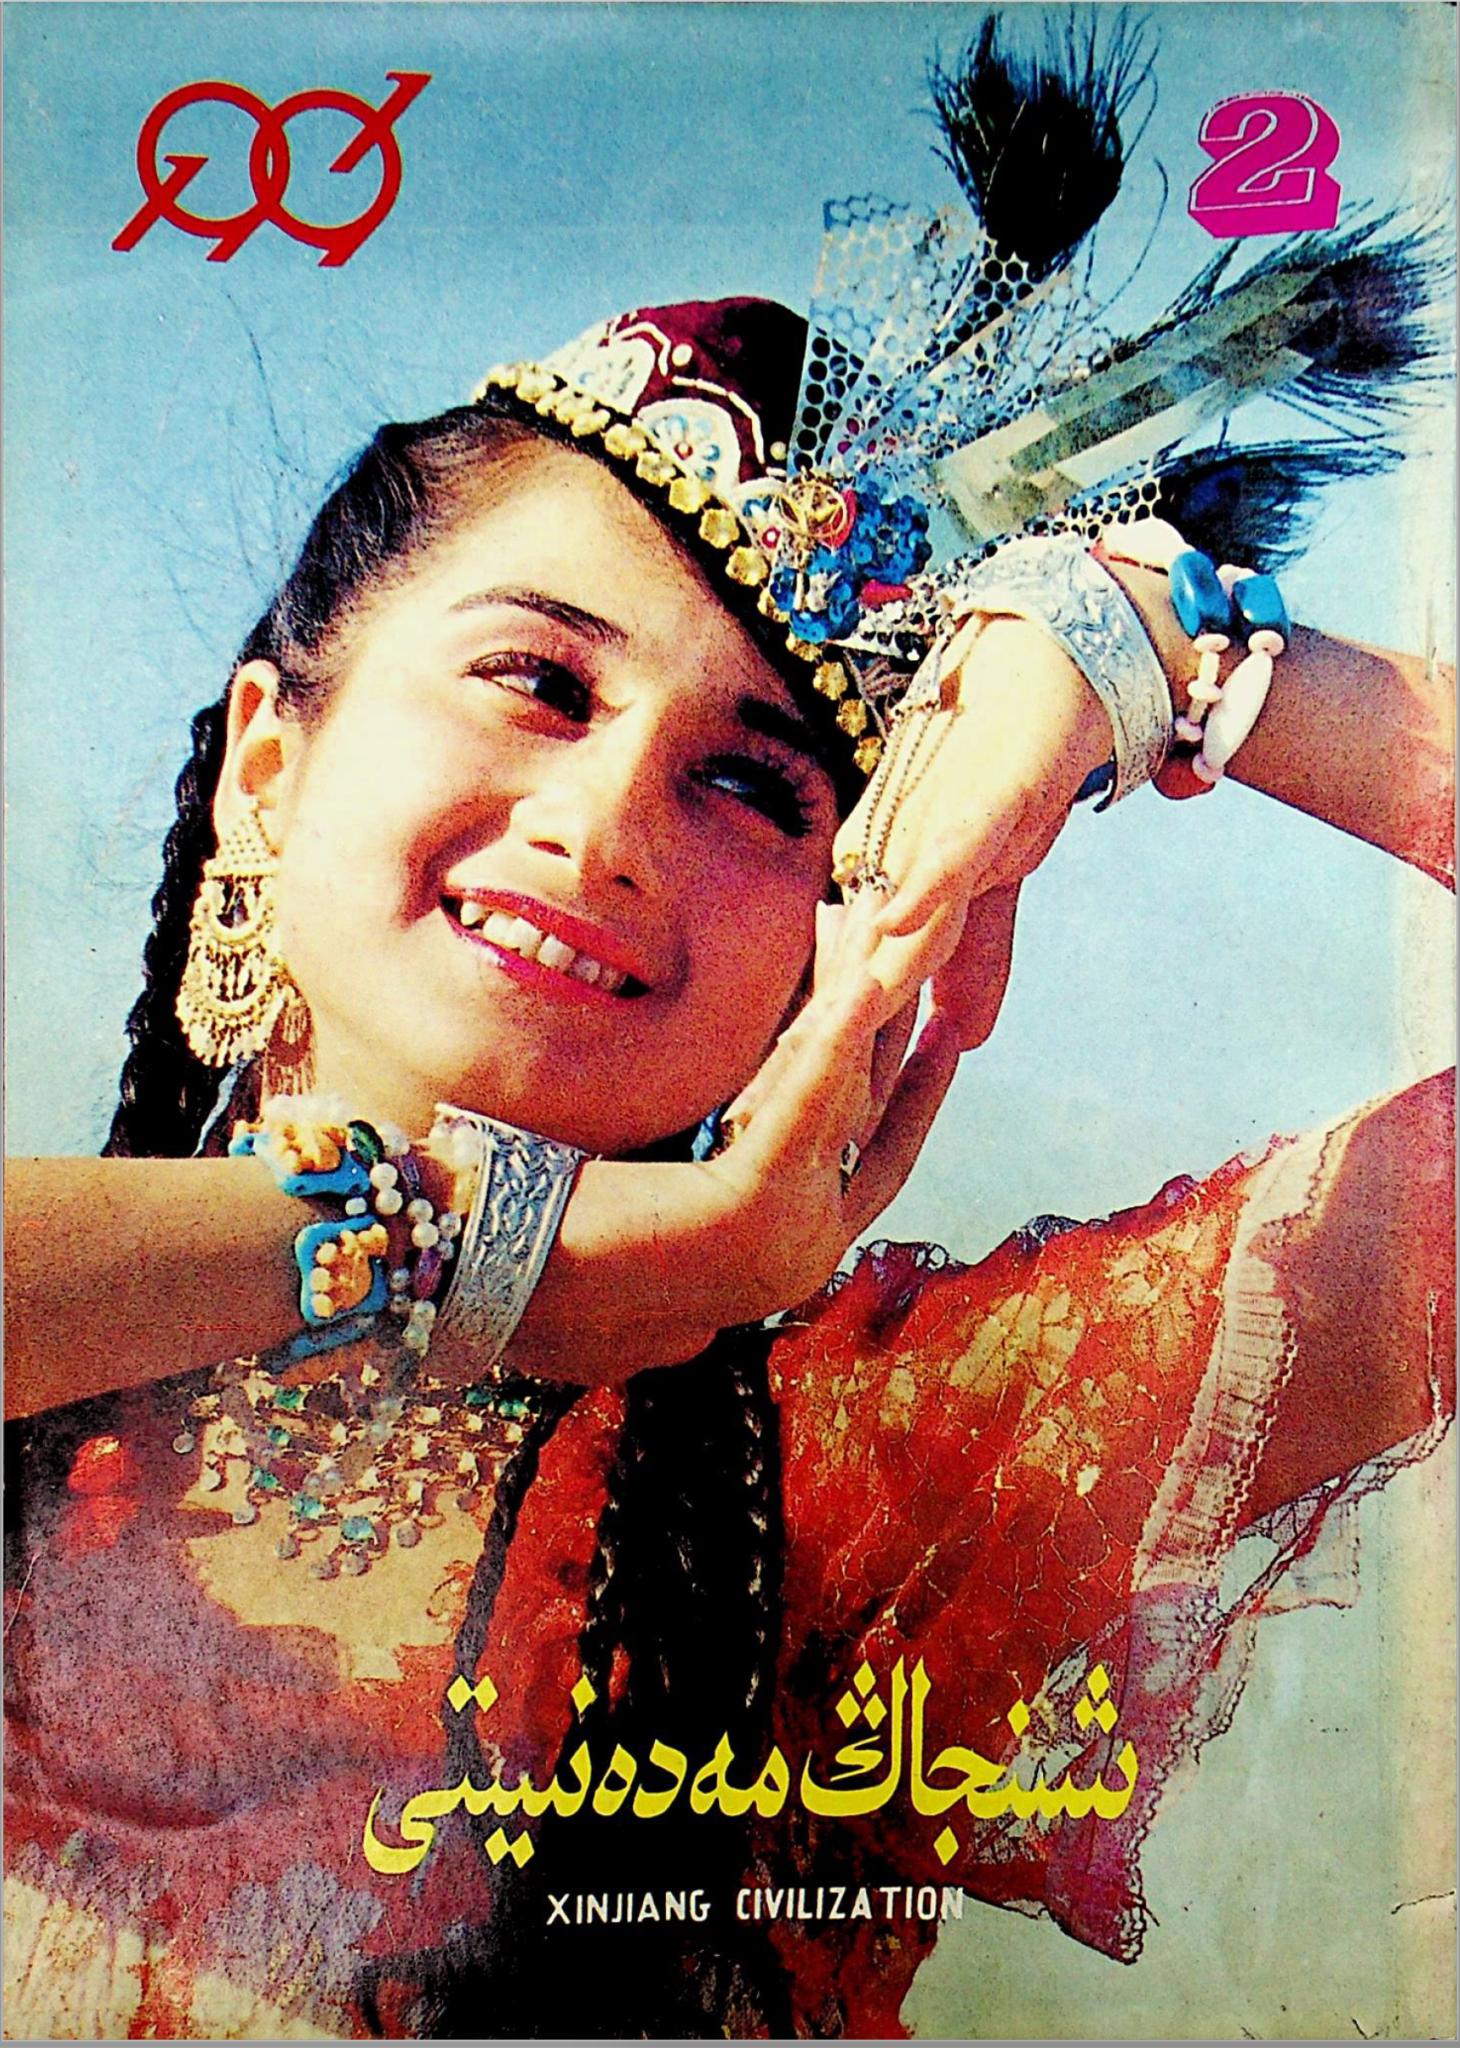 شىنجاڭ مەدەنىيىتى 1991-يىلى 2 -سان, ئېلكىتاب تورى